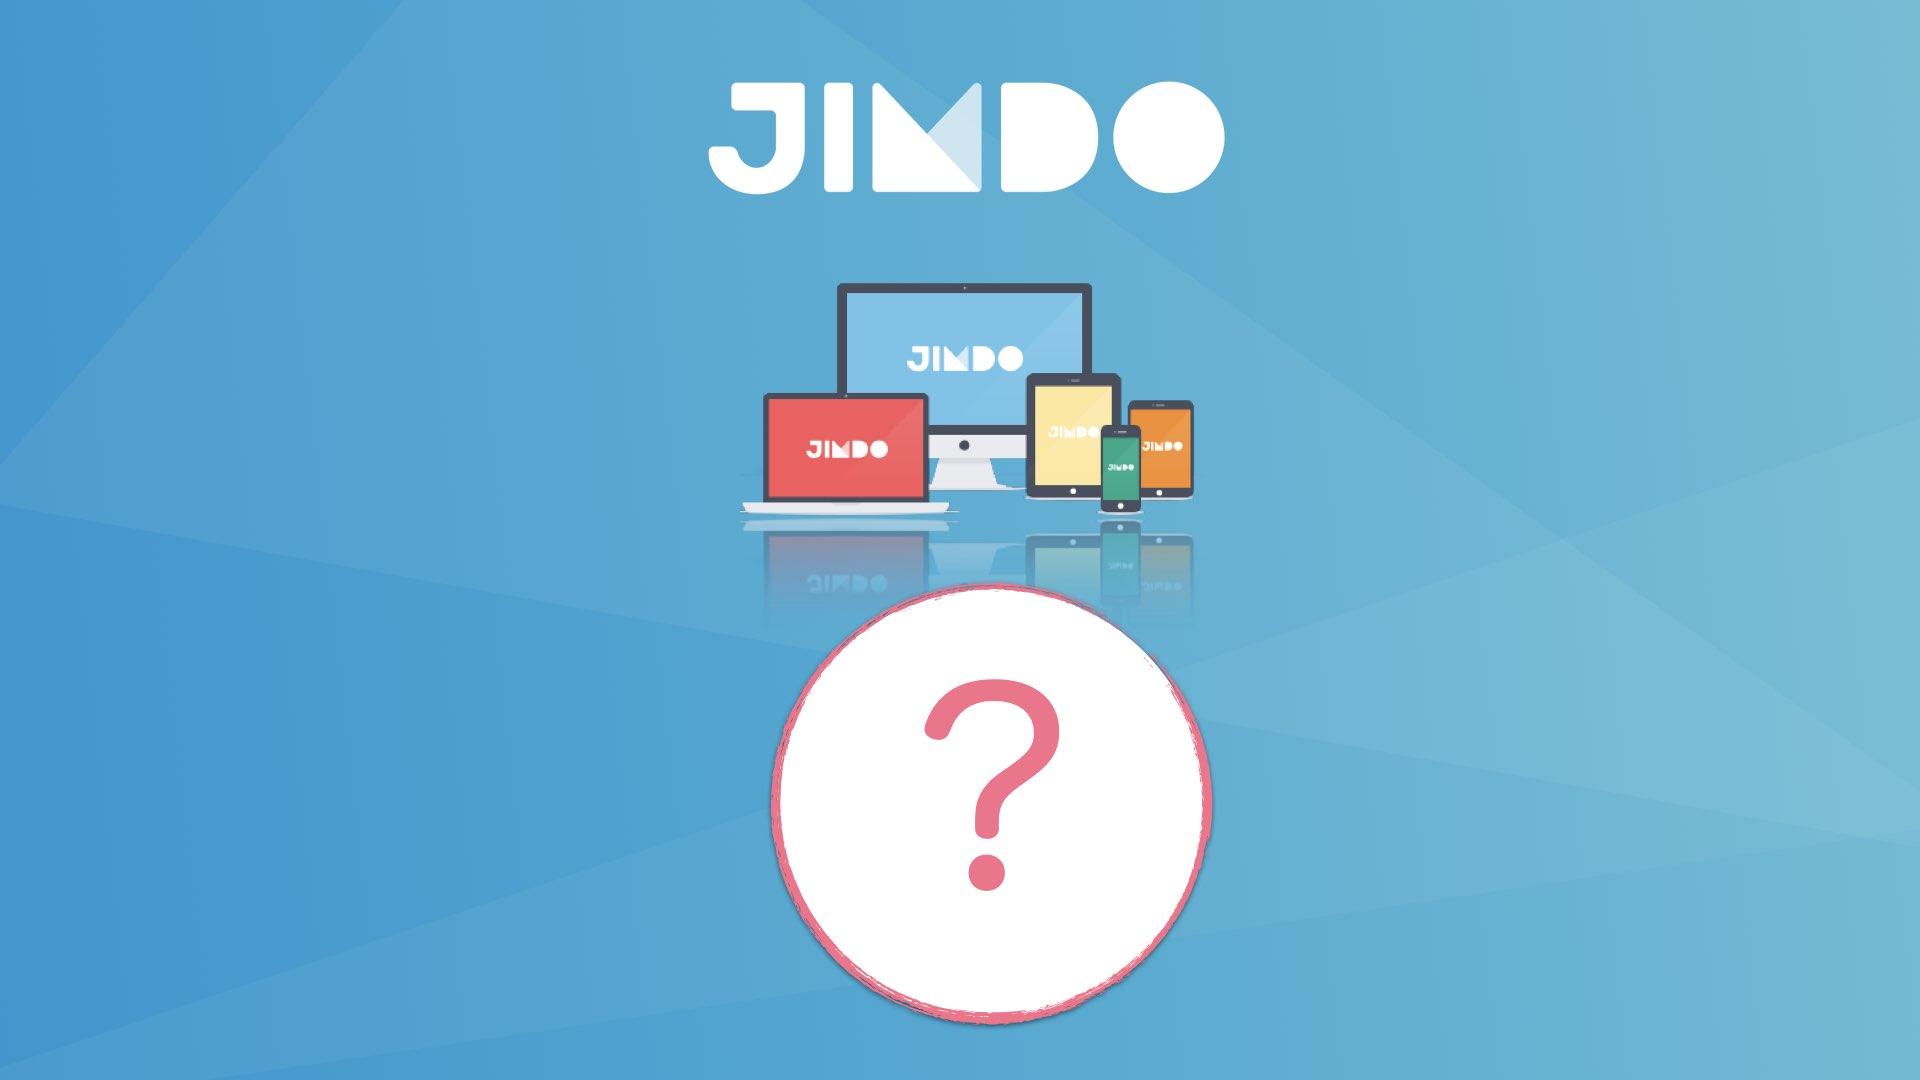 Jimdoとは?